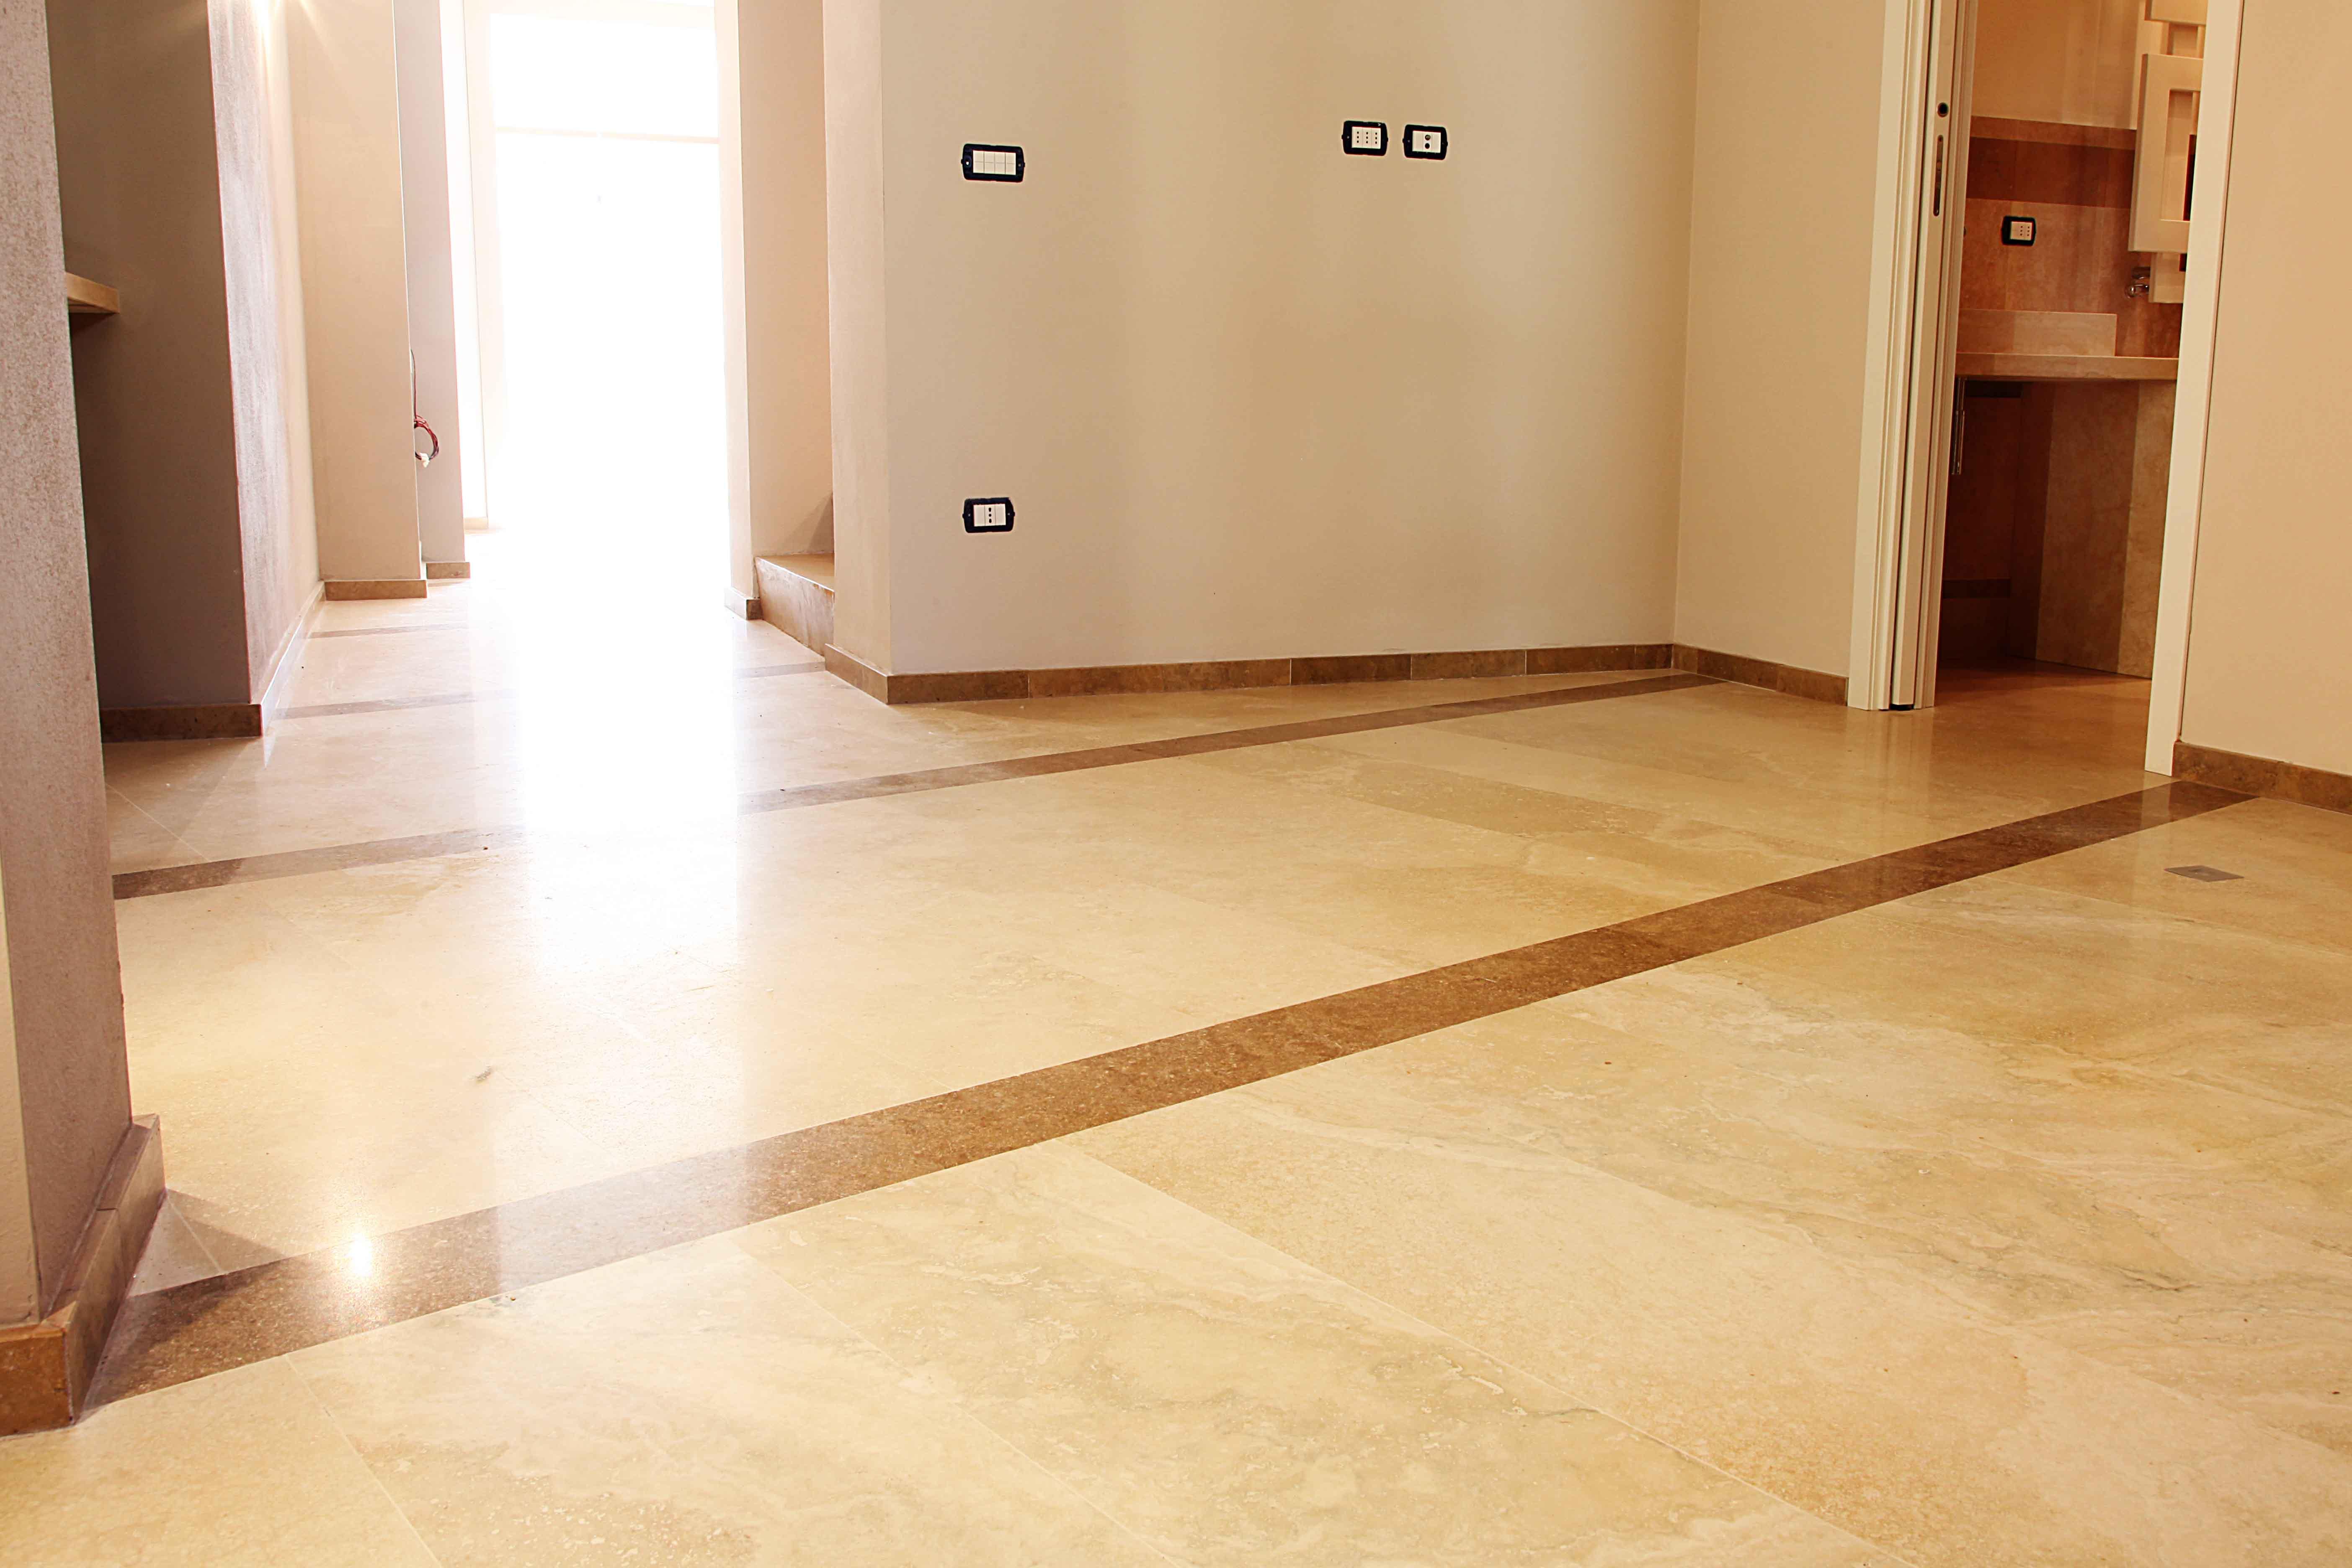 Colorare Pavimento In Cotto artequipe.it | artequipe | levigatura, lucidatura, pavimenti